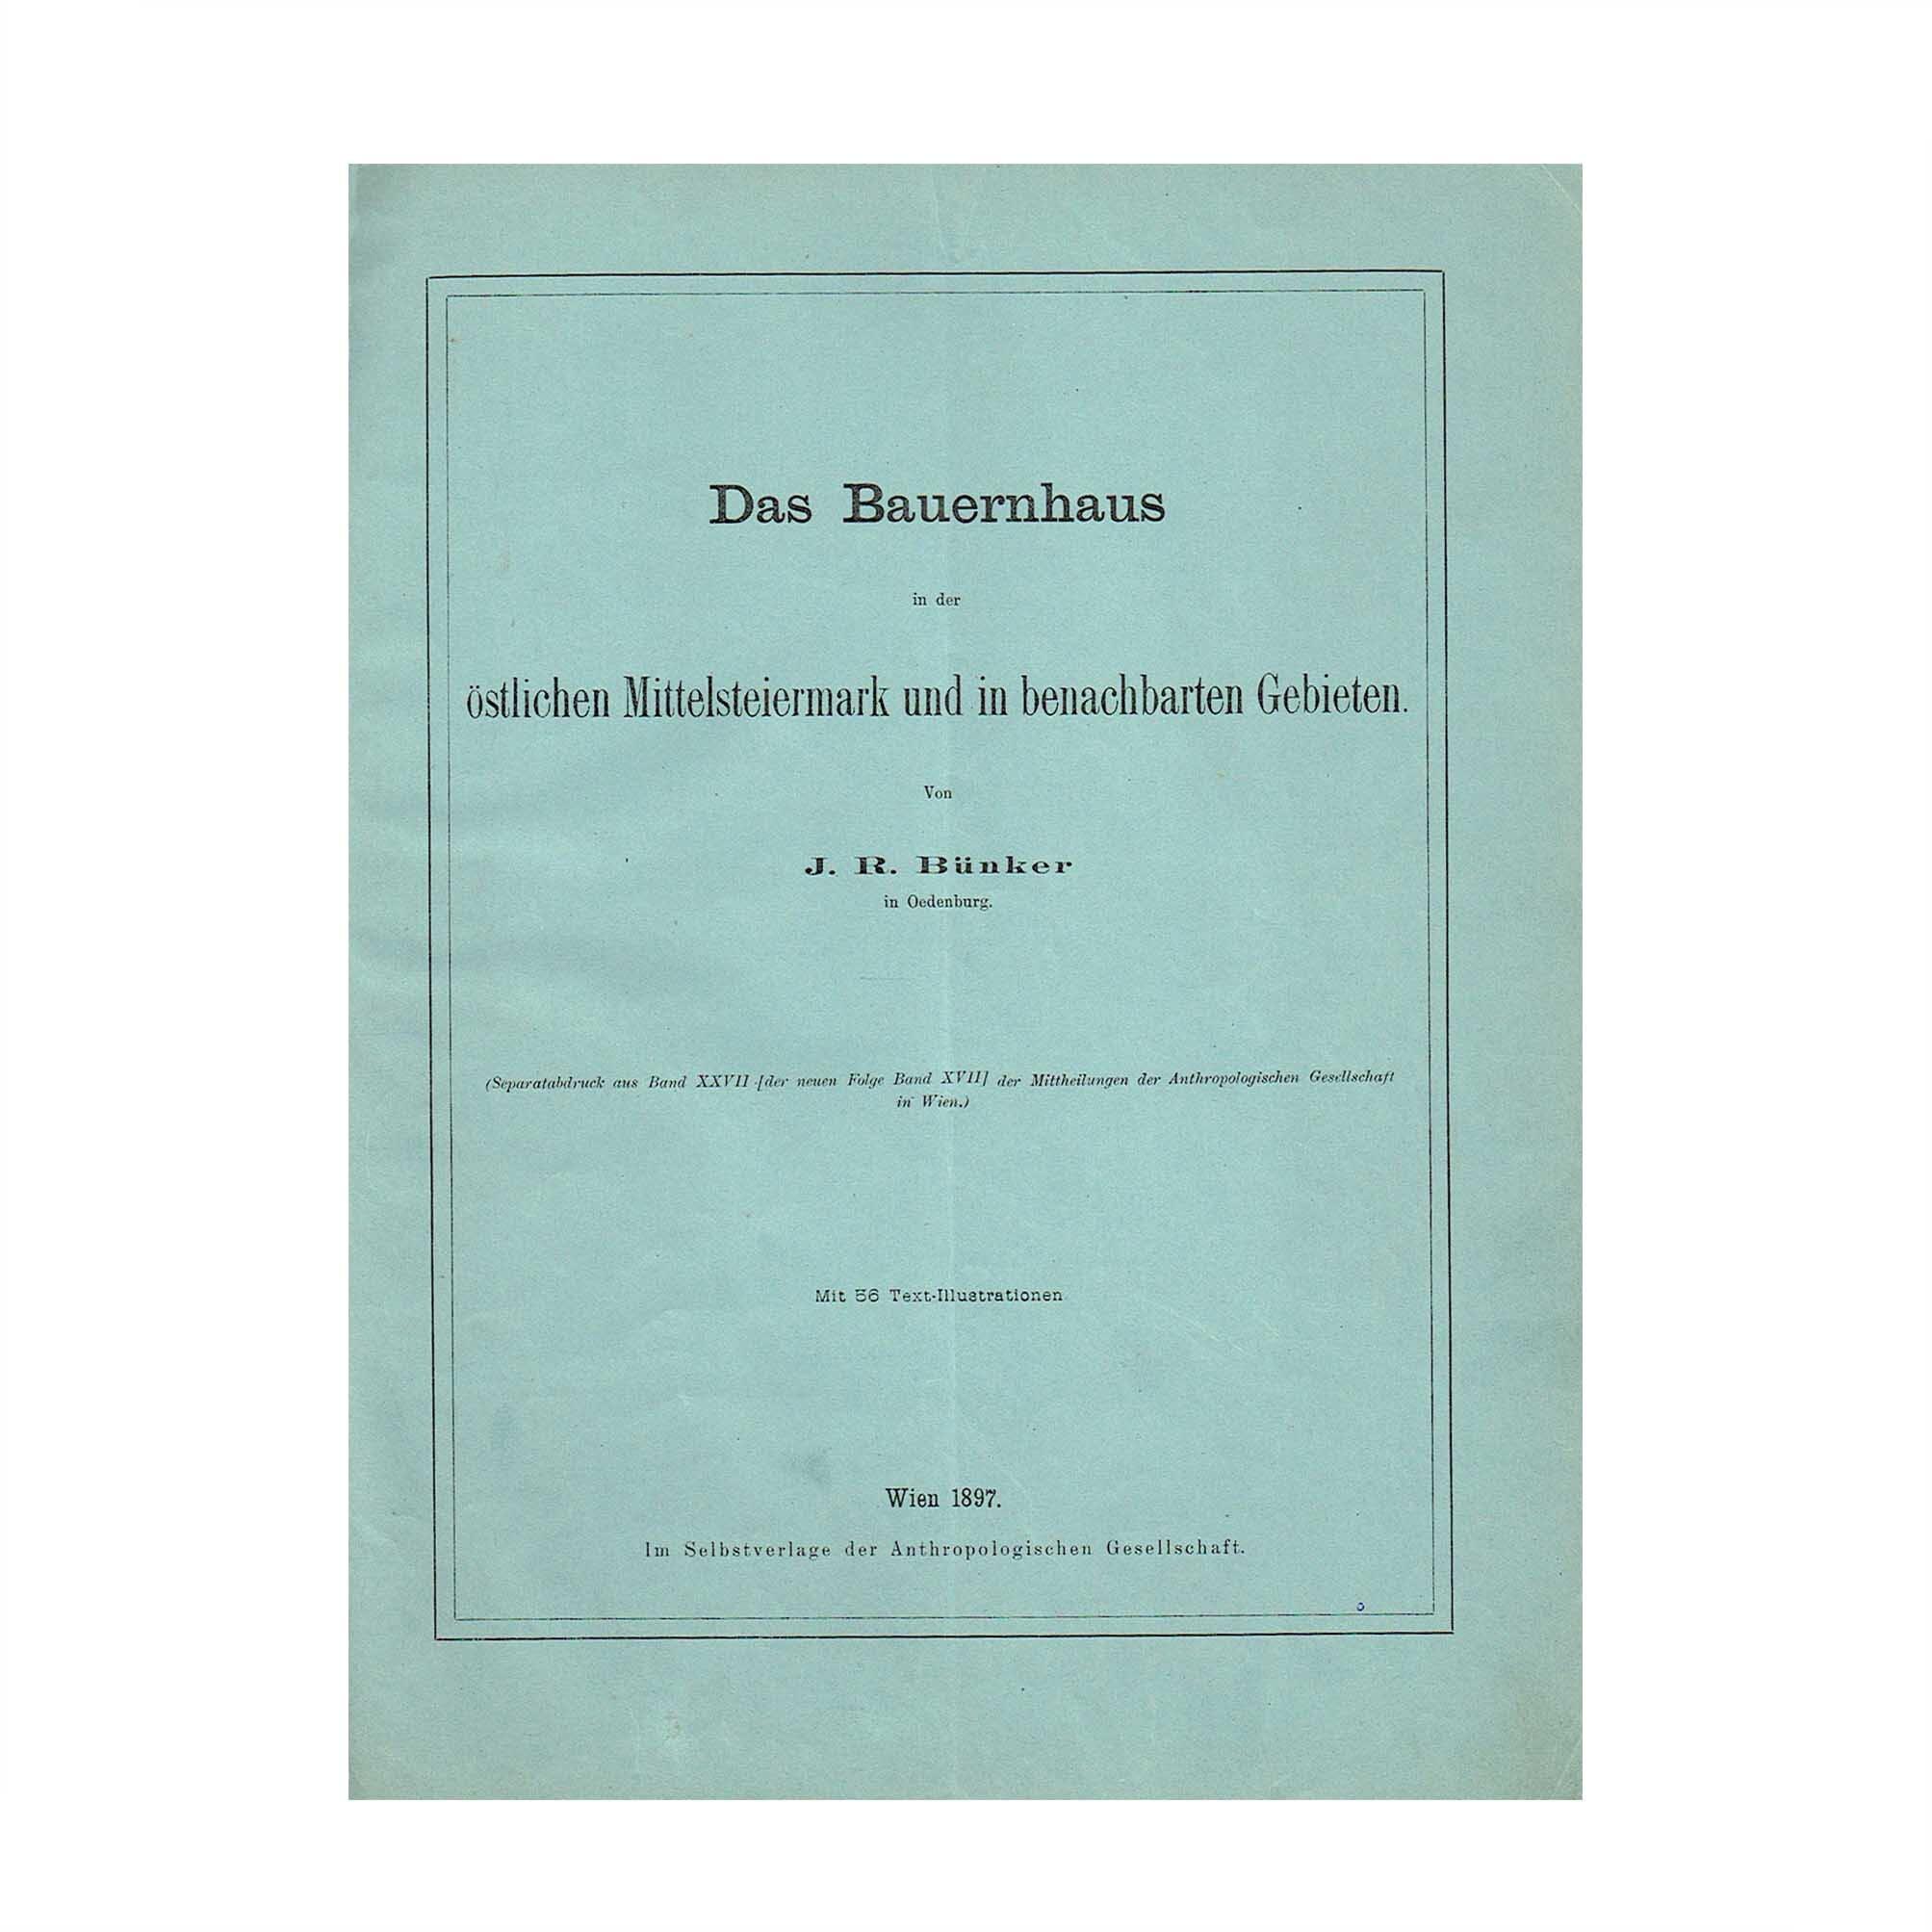 5499 Bünker Bauernhaus Mittelsteiermark 1897 Umschlag recto A N